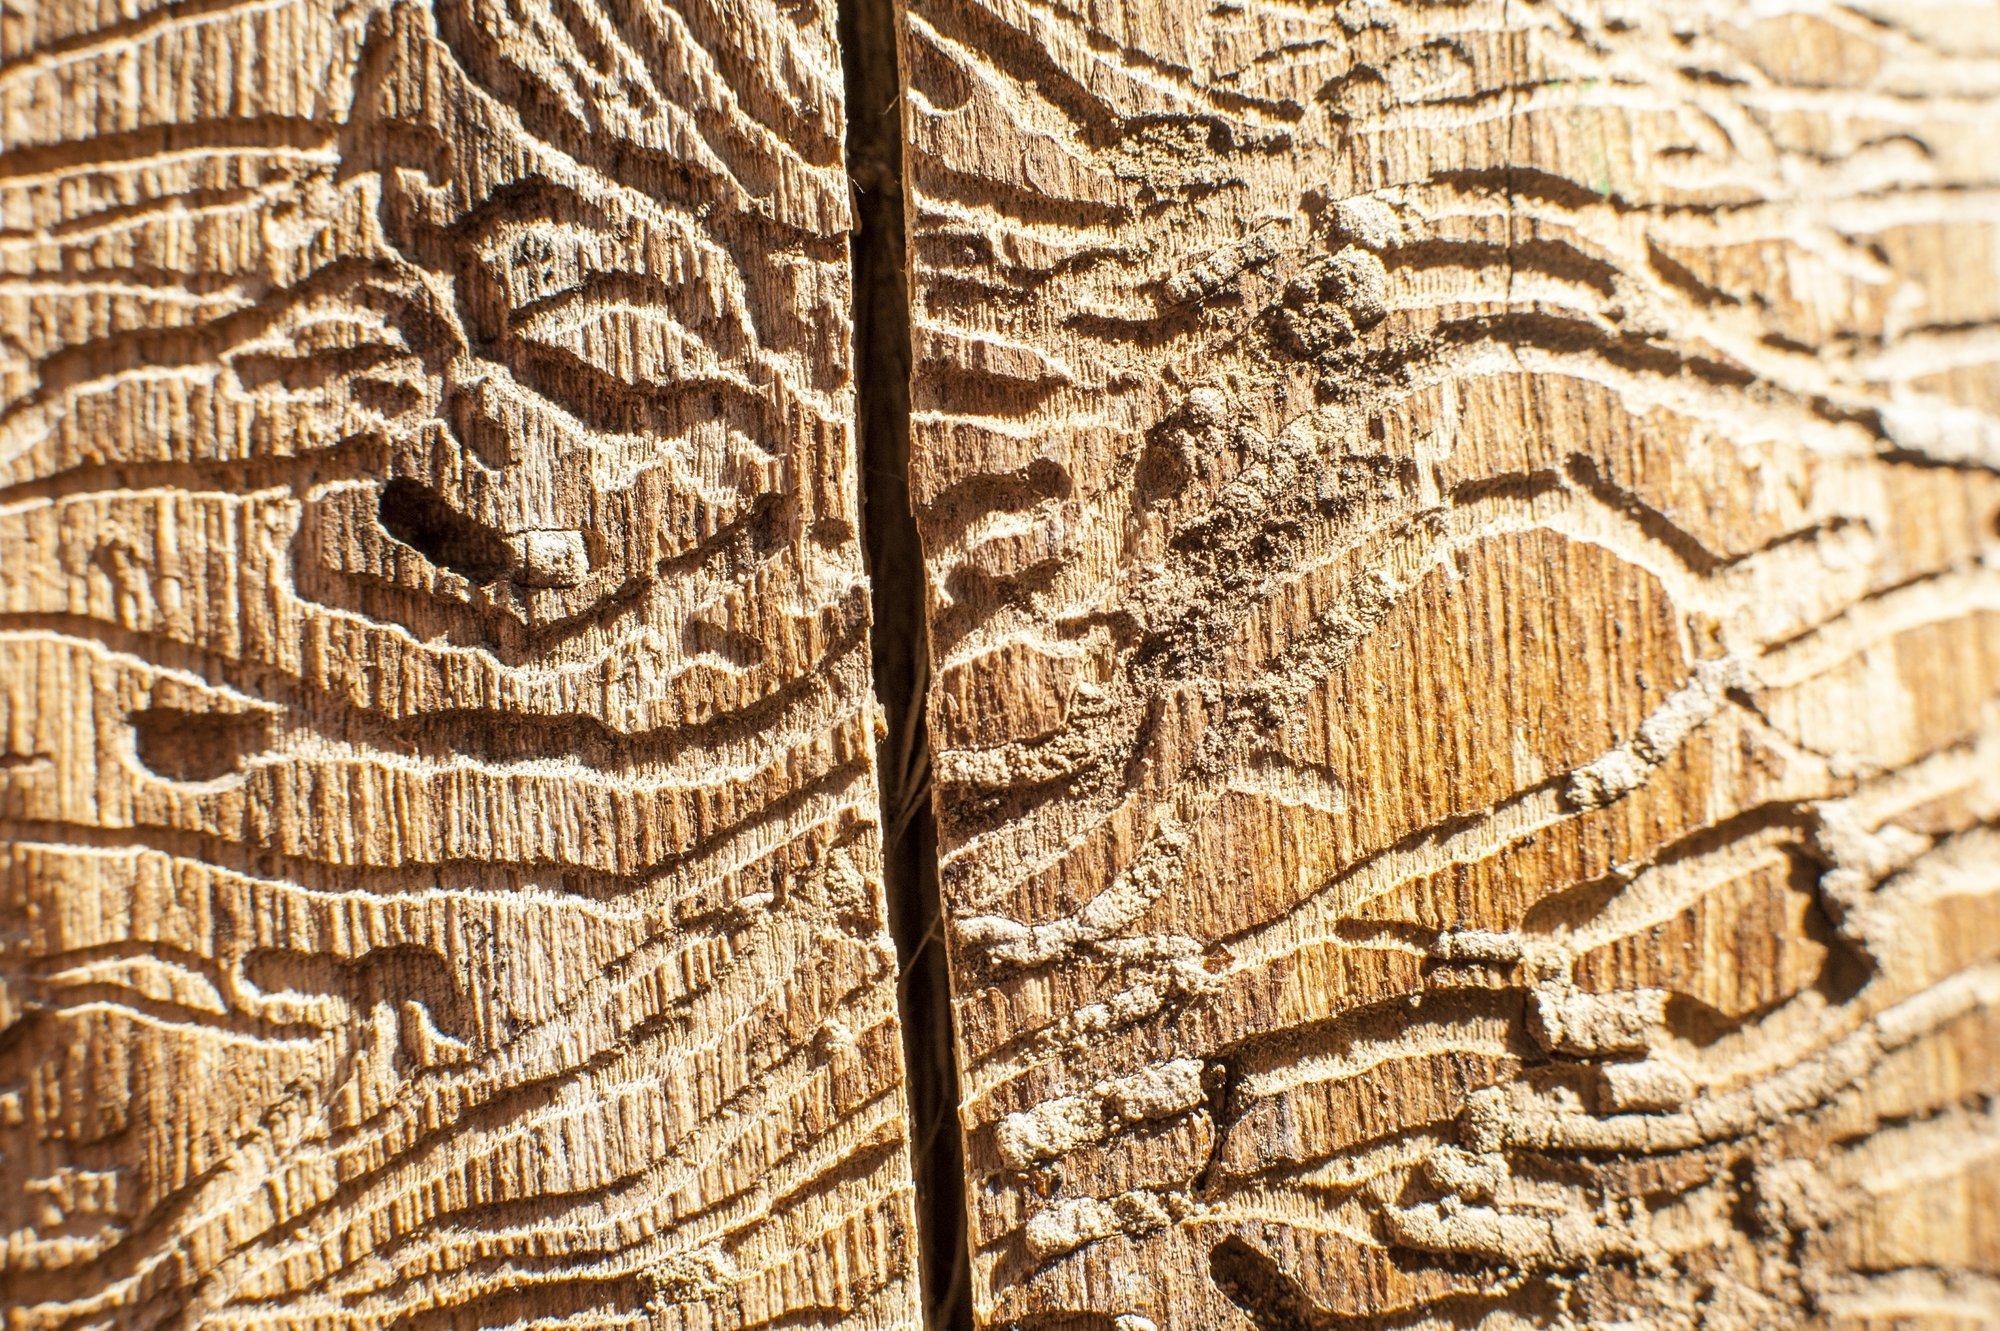 Spuren von Borkenkäfern im Holz.